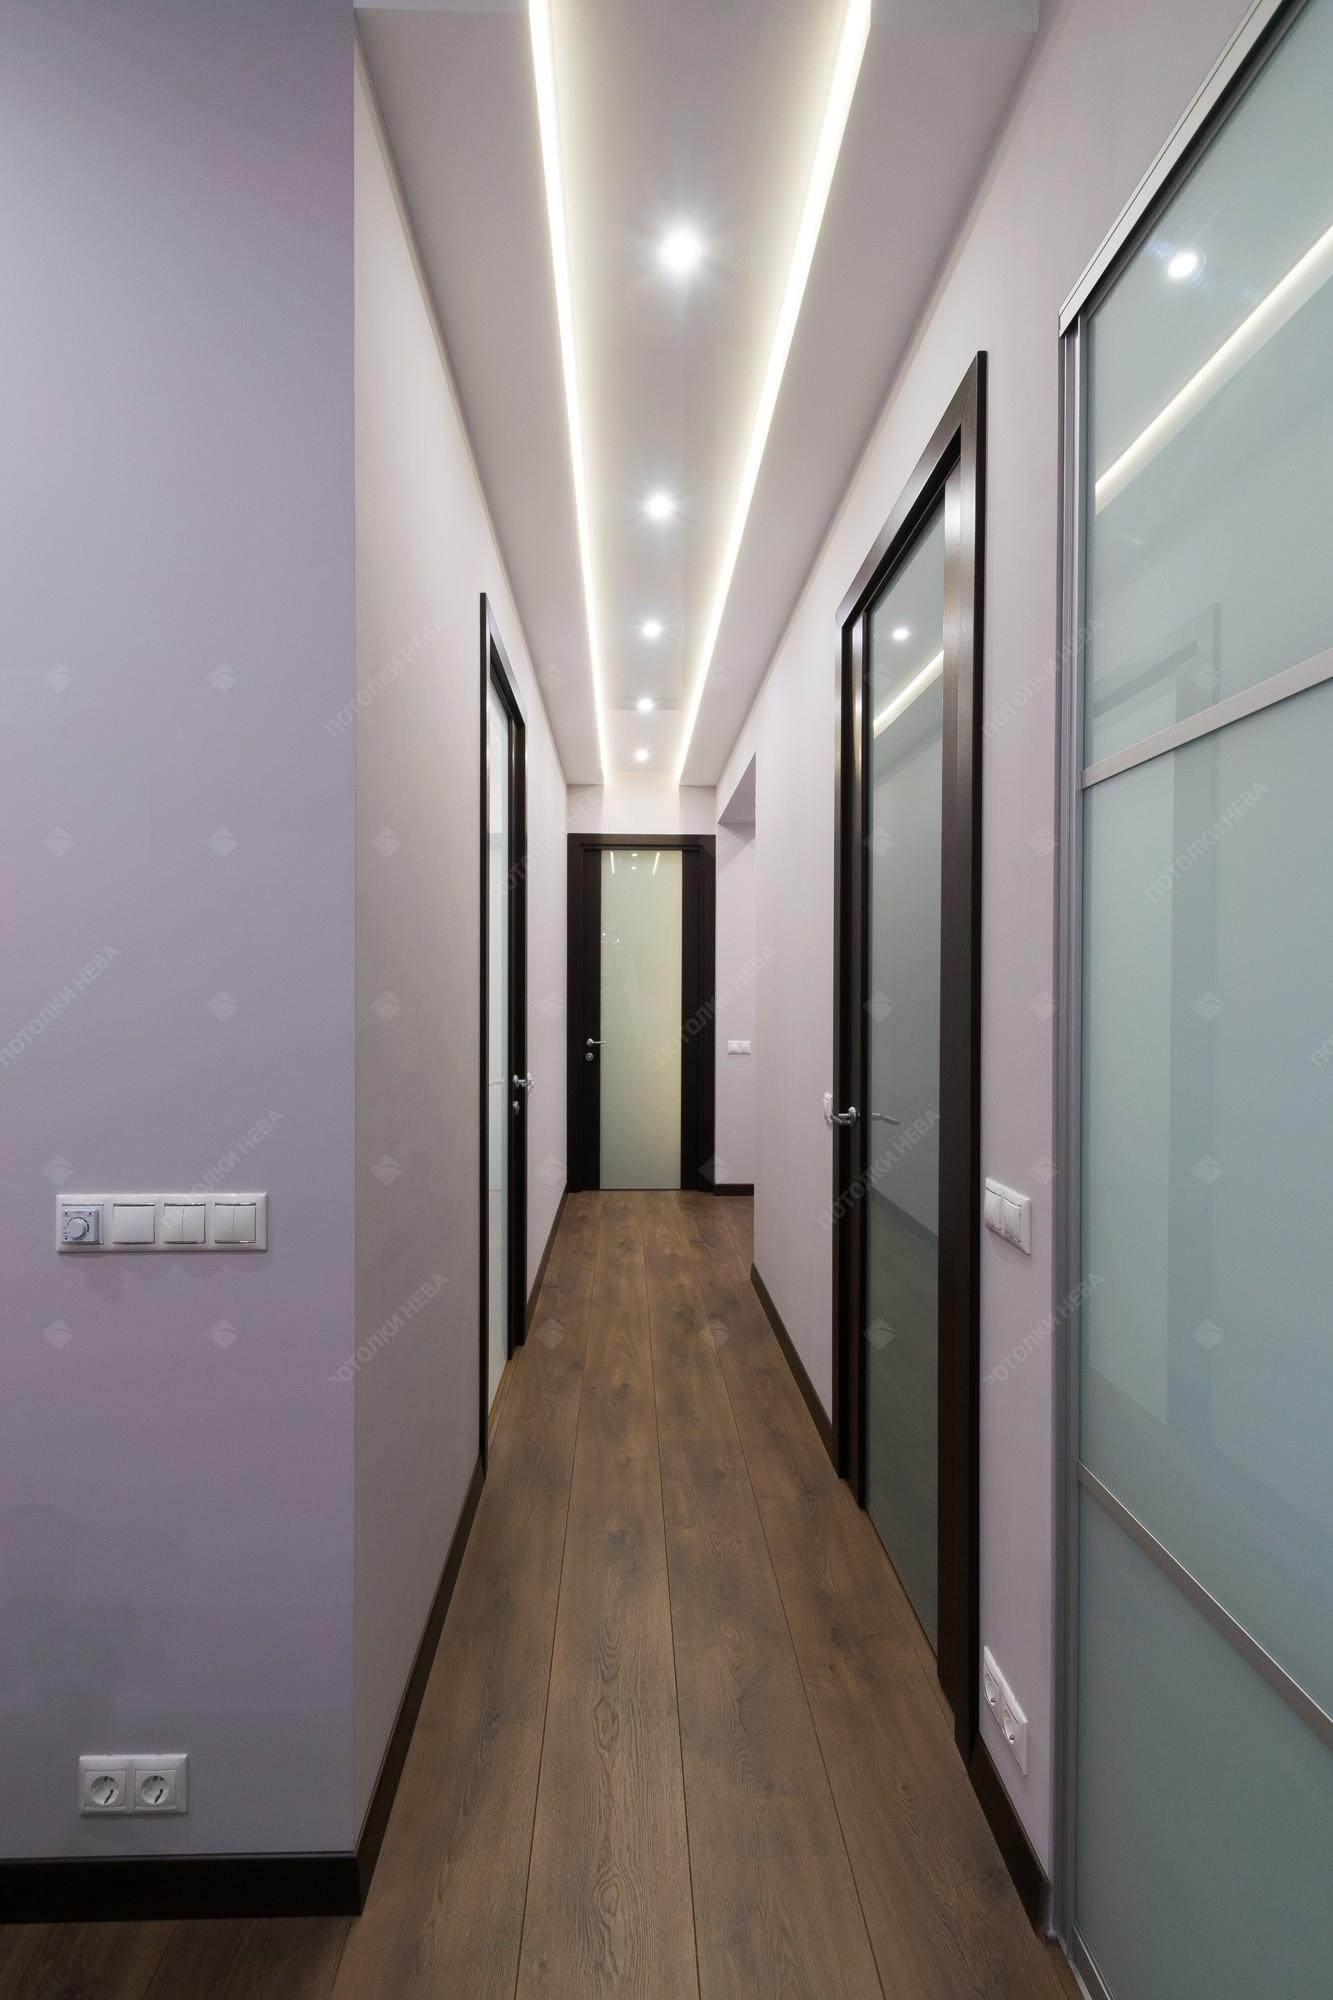 Двухуровневый потолок с подсветкой в коридоре